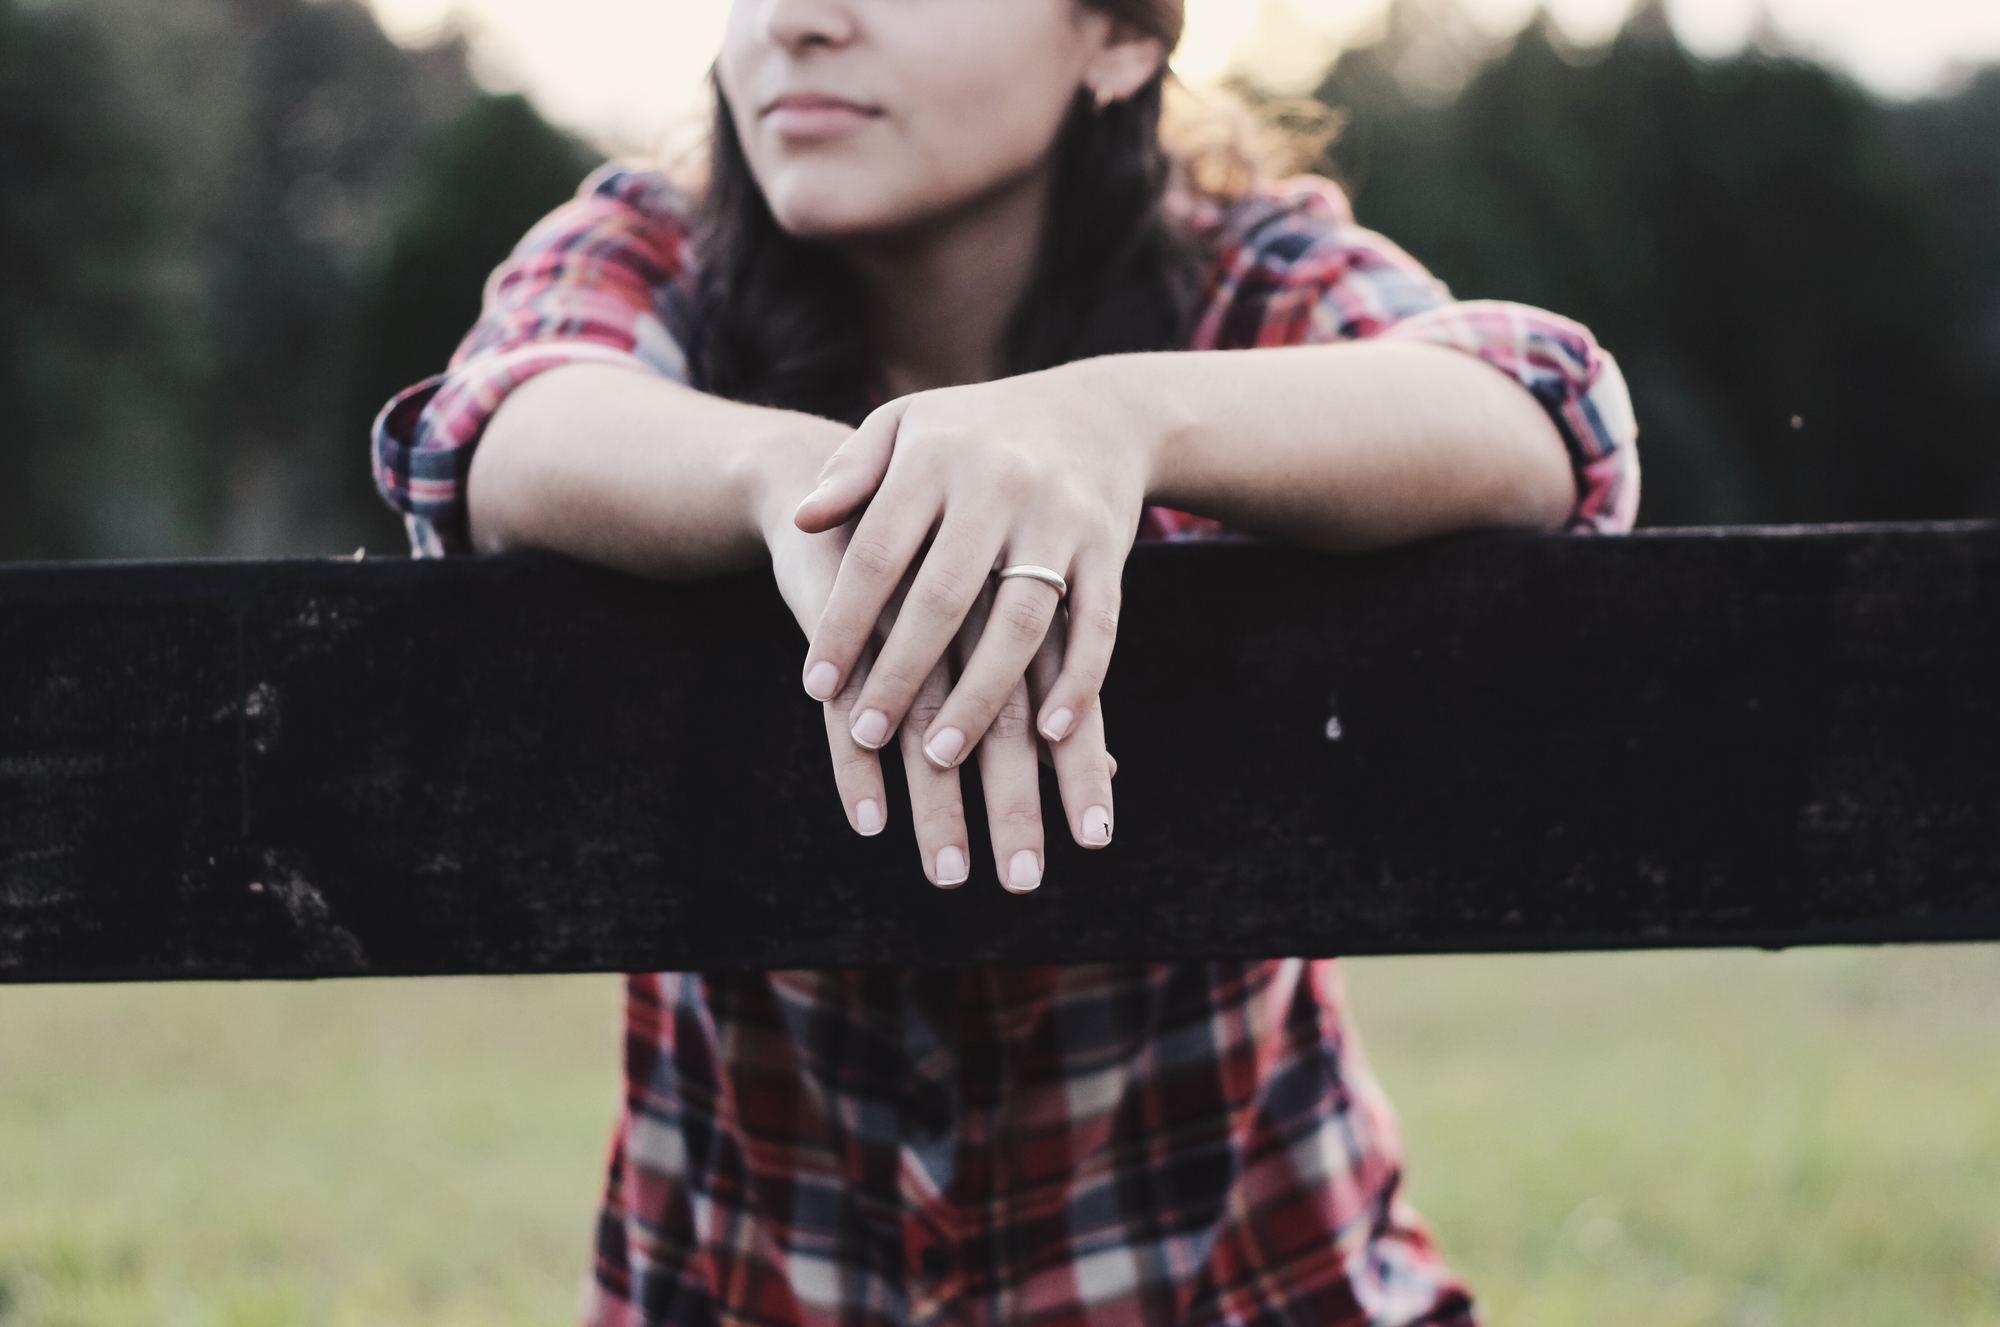 fake wedding ring for travel jaelynn-castillo-58387-unsplash